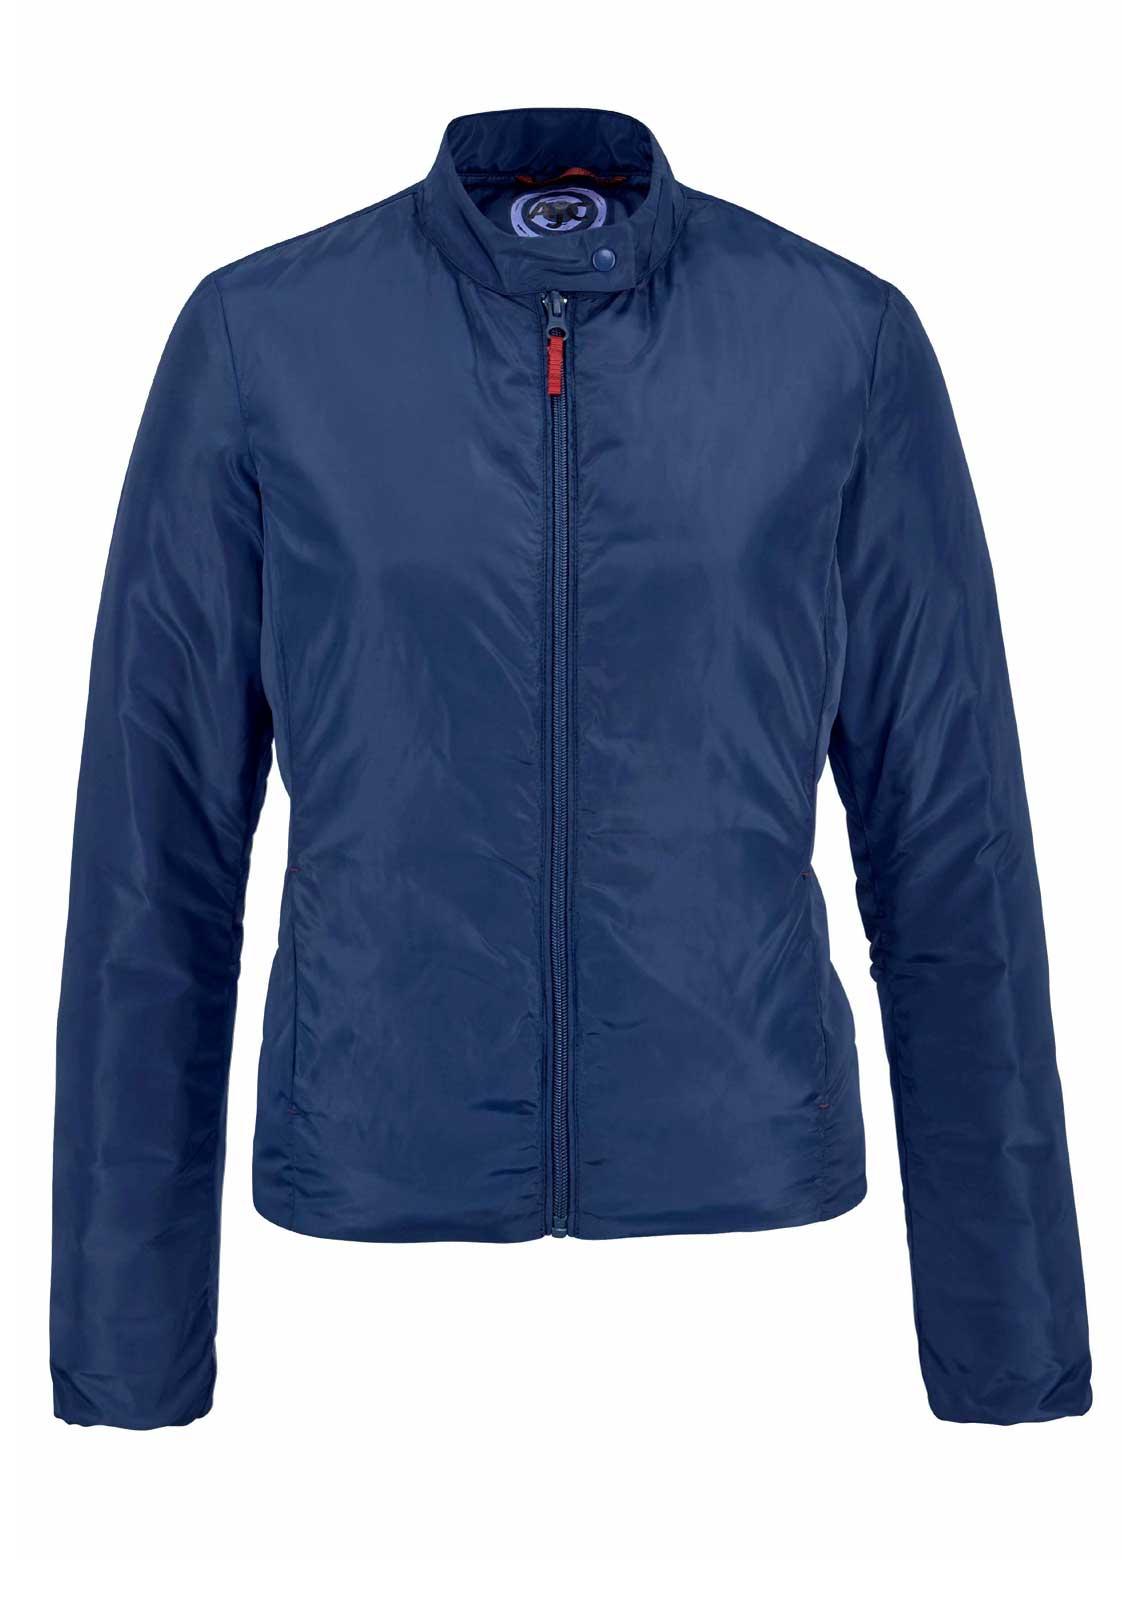 309732a7b4 AJC kurtka damska przejściowa o sportowym wyglądzie